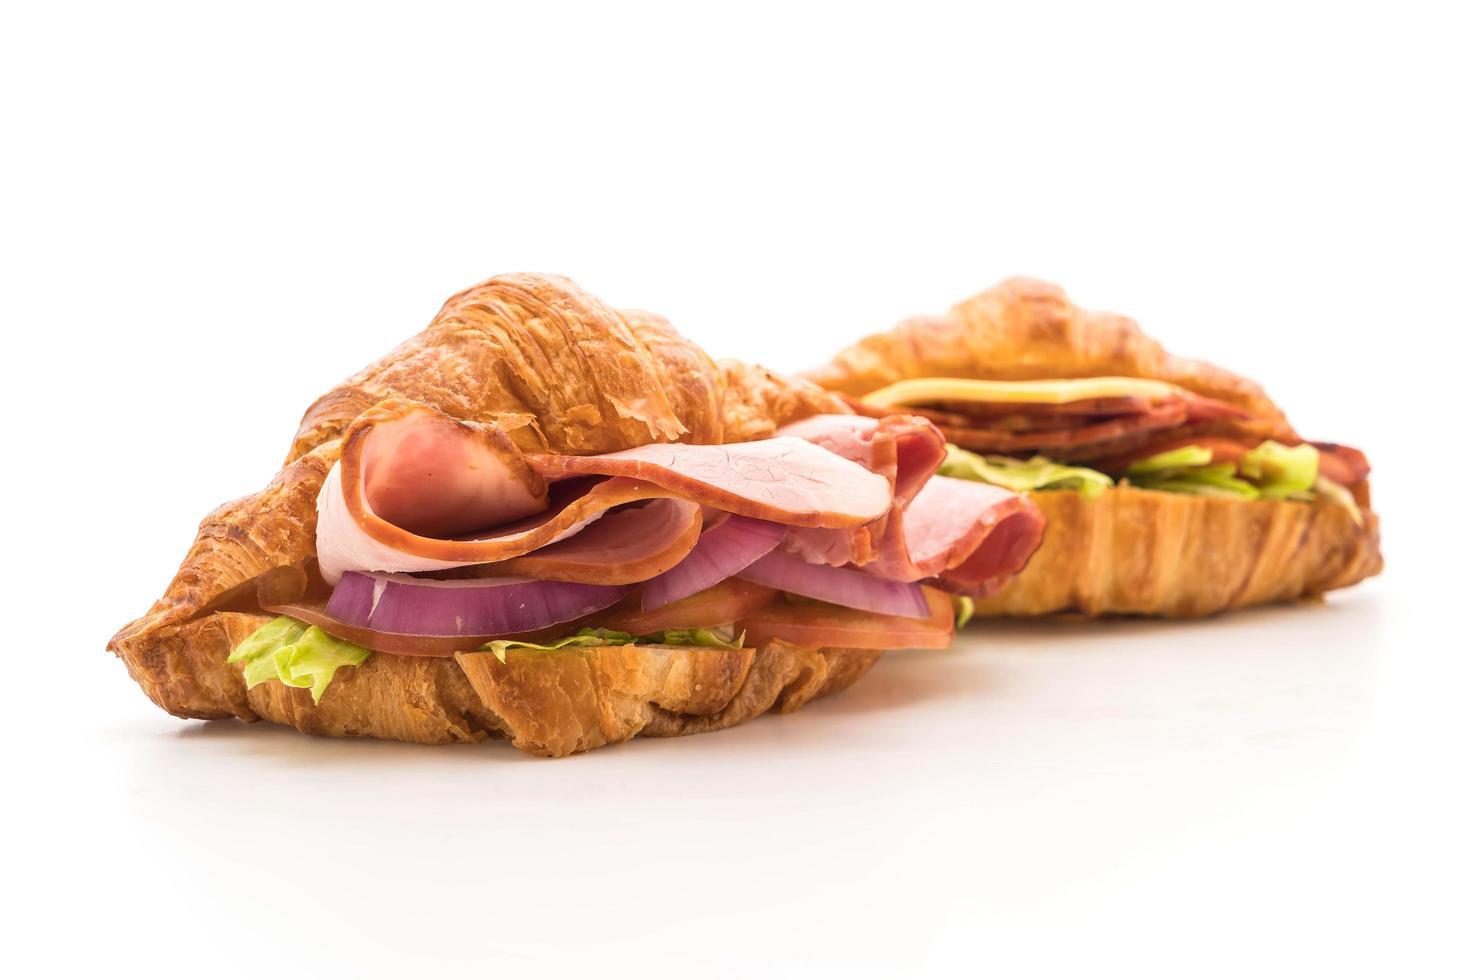 sándwiches de croissant de jamón foto